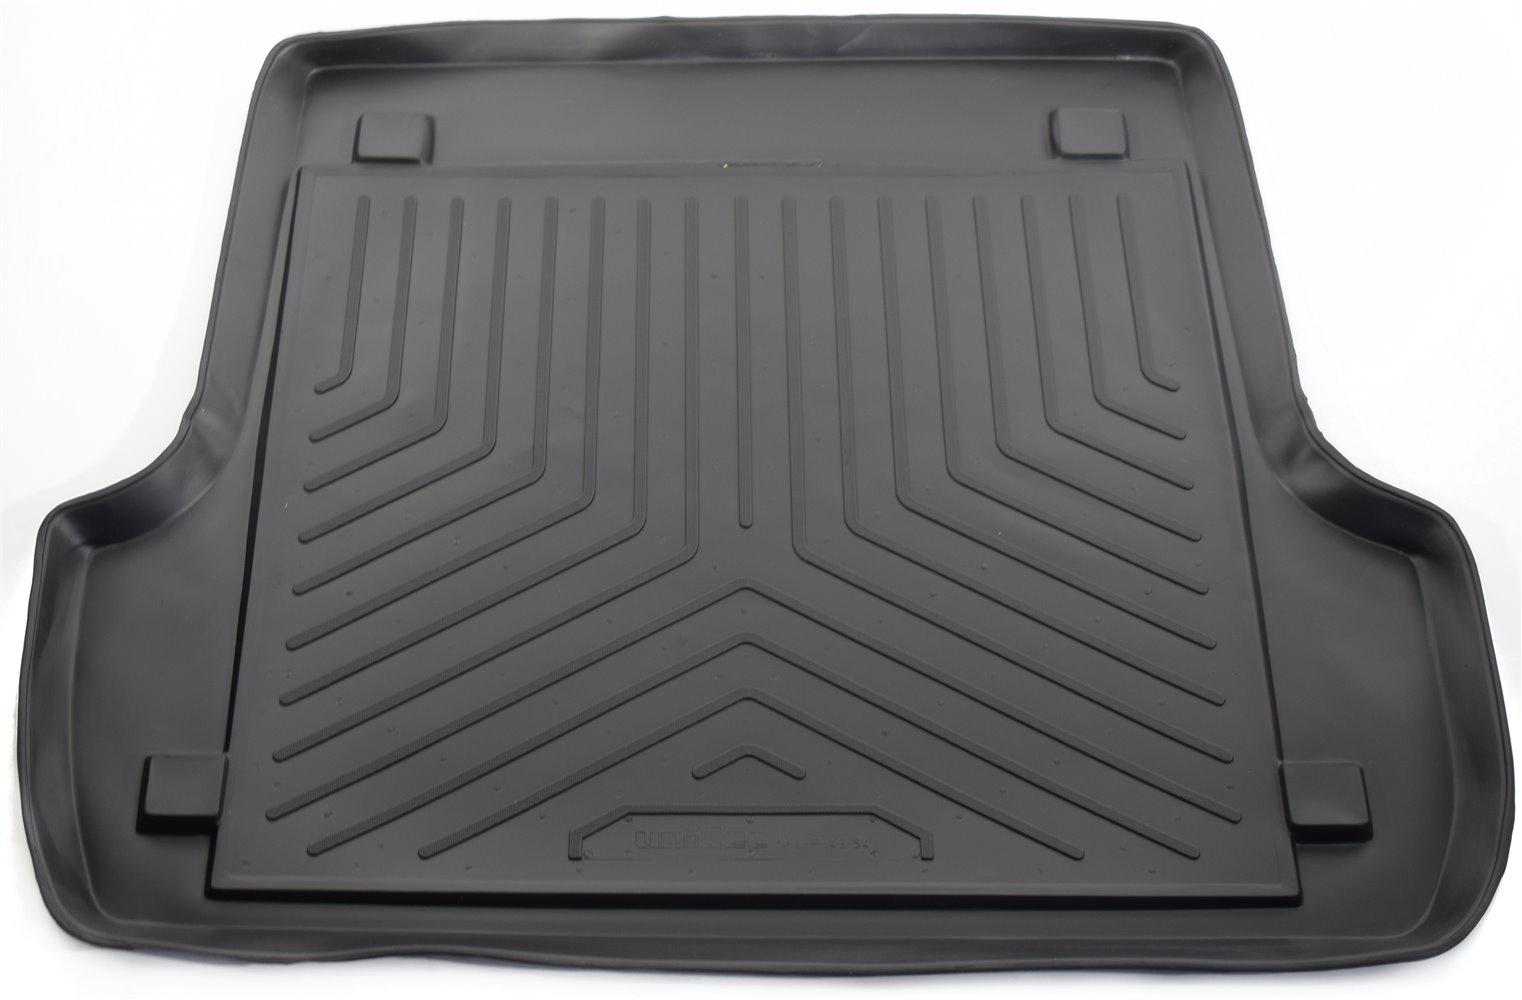 Коврик багажника Norplast для Kia Sportage Grant RUK00 1999-2005, NPL-P-43-54, черный